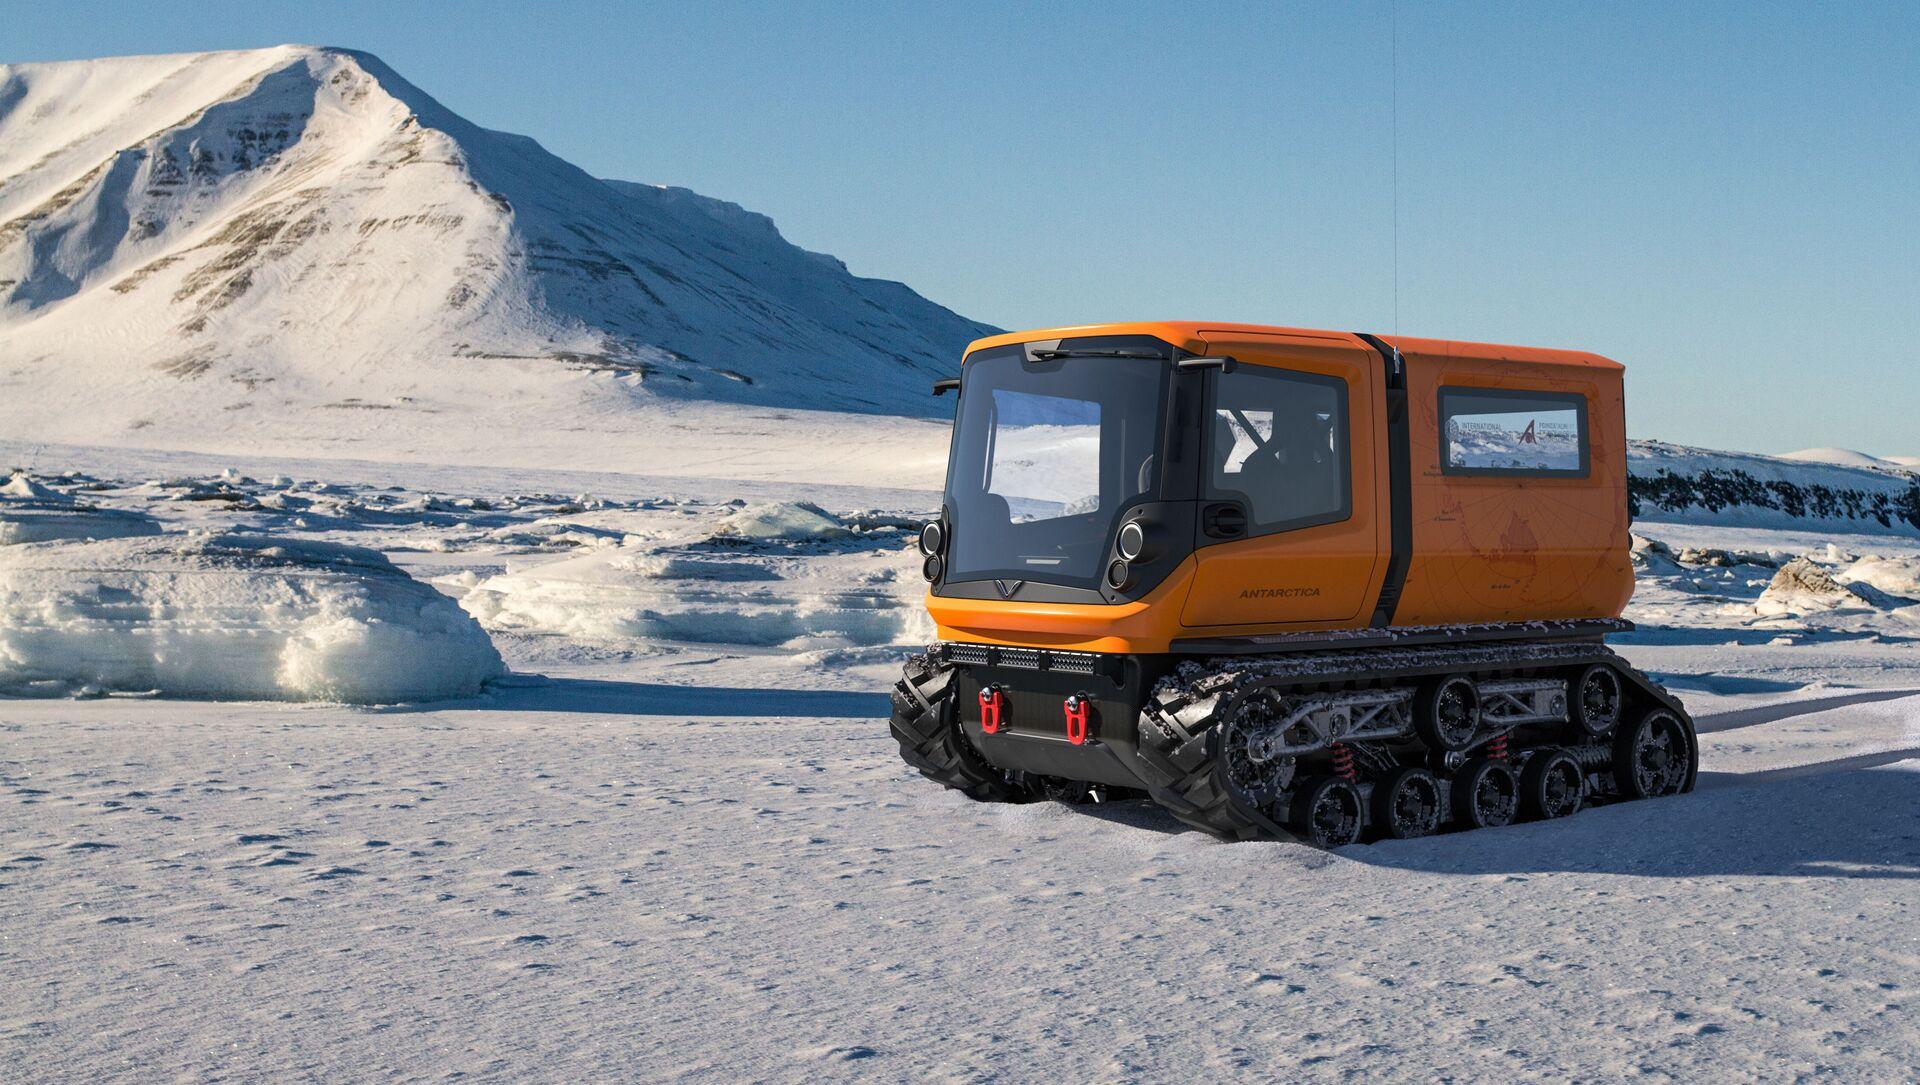 Antarctica, l'engin d'exploration polaire zéro émission  - Sputnik France, 1920, 12.06.2021